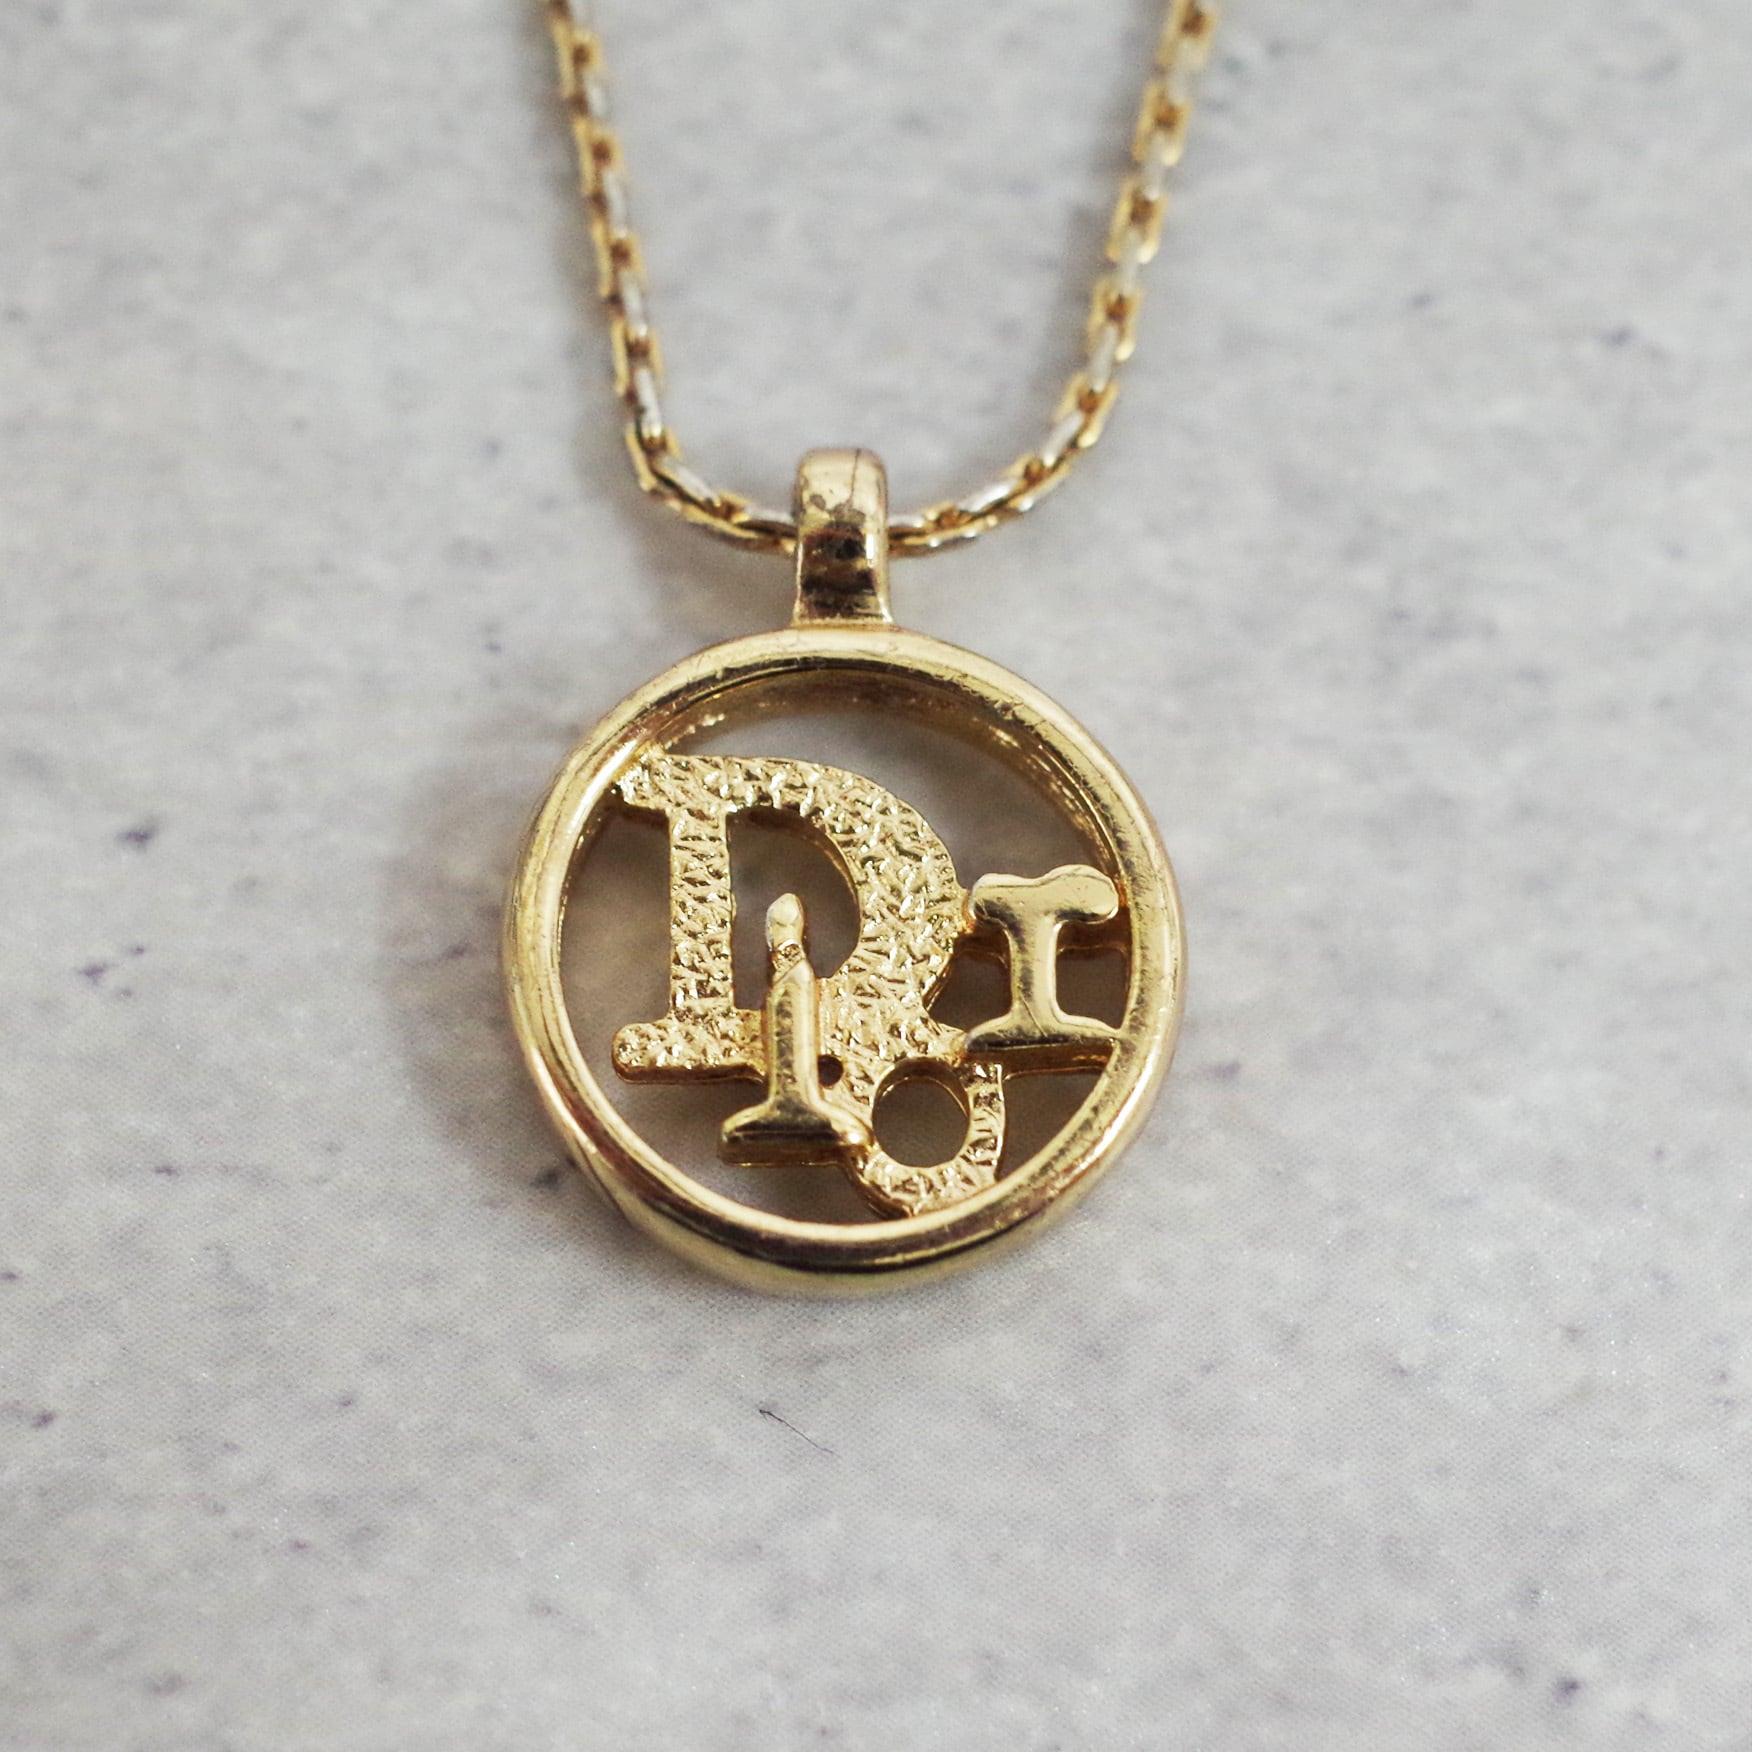 Christian Dior ディオール ネックレス ゴールド アクセサリー